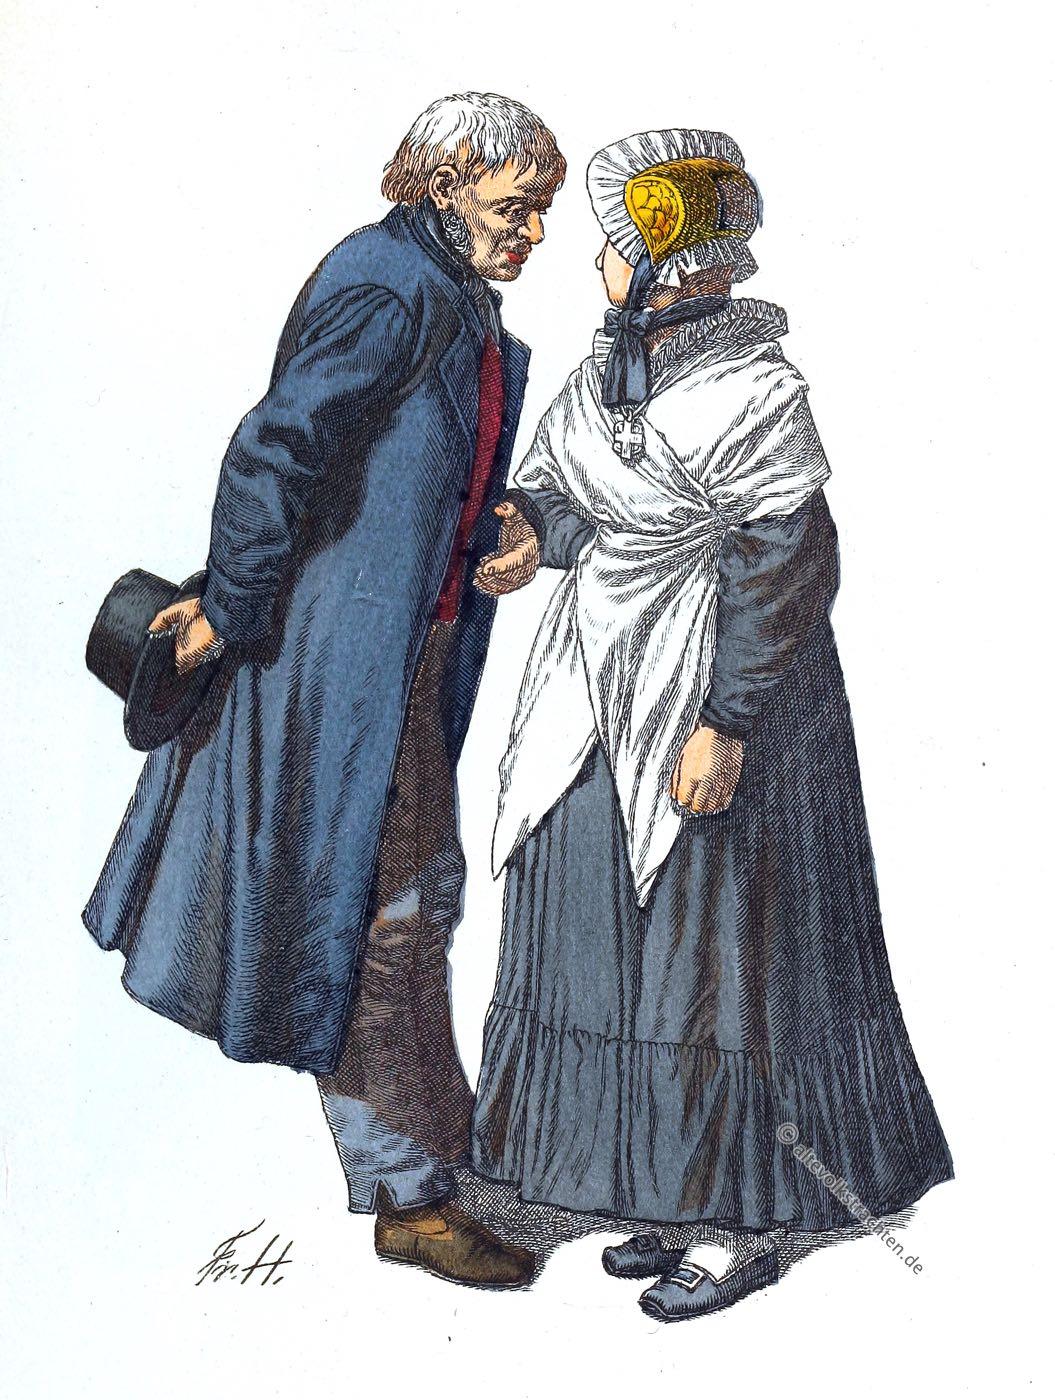 Kleidung, Osnabrück, Niedersachsen, Bauerntrachten, Sonntagstracht, Kostüme, Friedrich Hottenroth, Kostümgeschichte